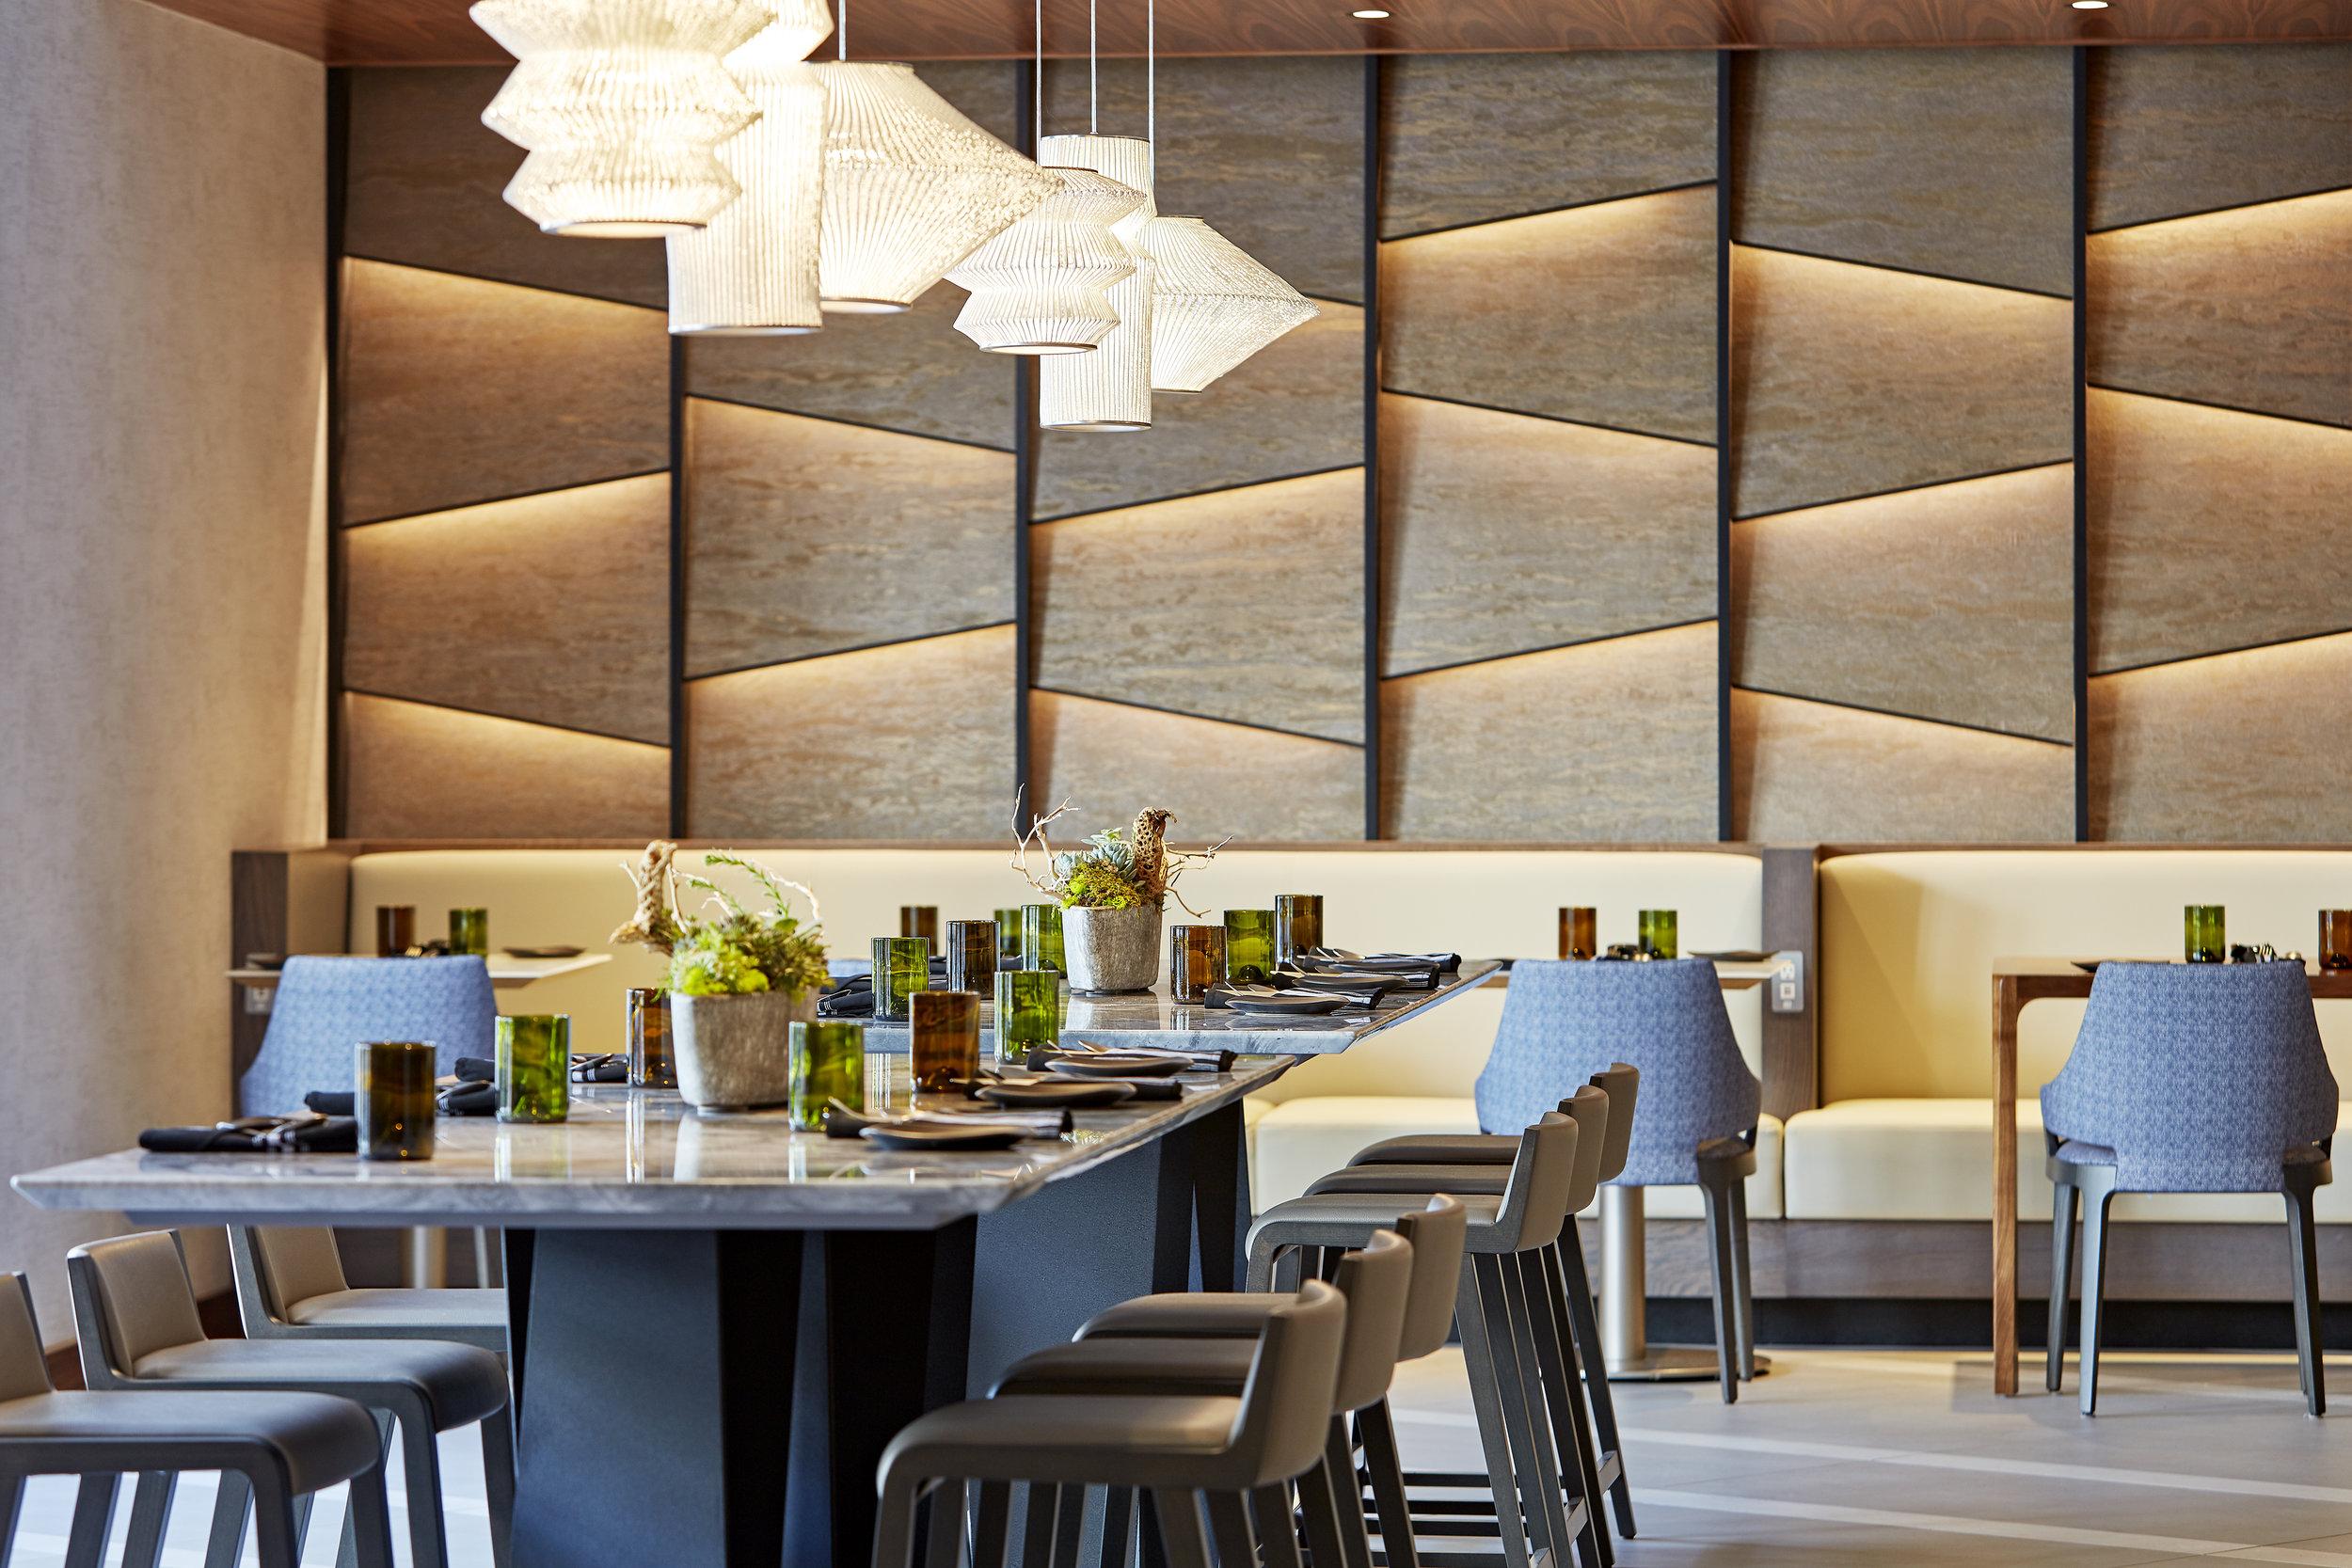 SMM_Restaurant-Detail 2.jpg